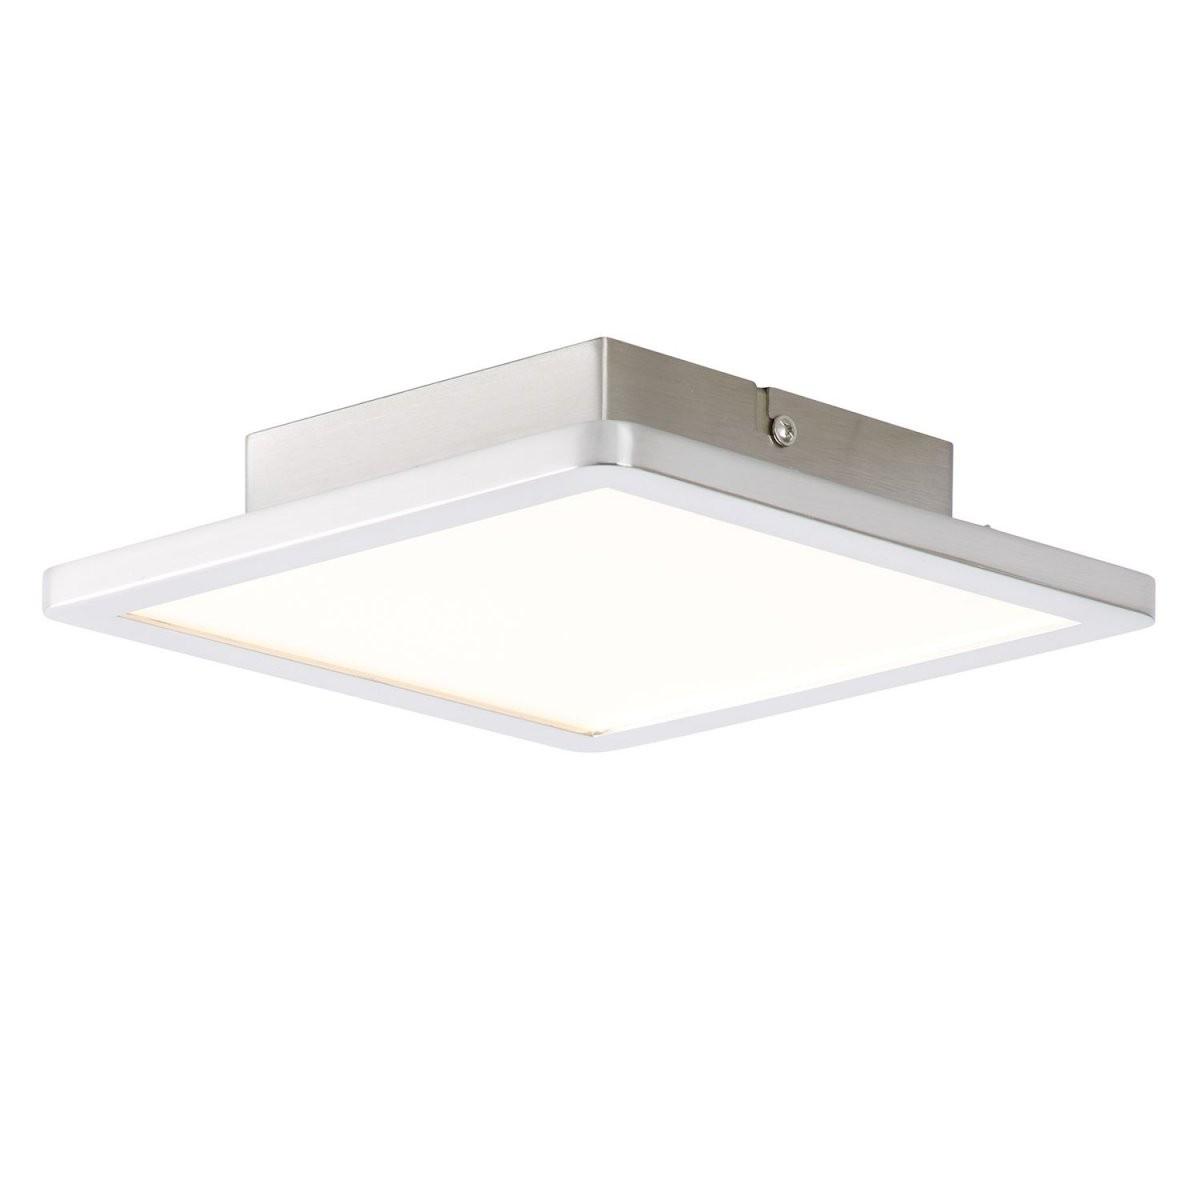 Deckenleuchten Wohnzimmer Led  Küchen Deckenlampe  Led von Led Deckenleuchte Dimmbar Farbwechsel Photo